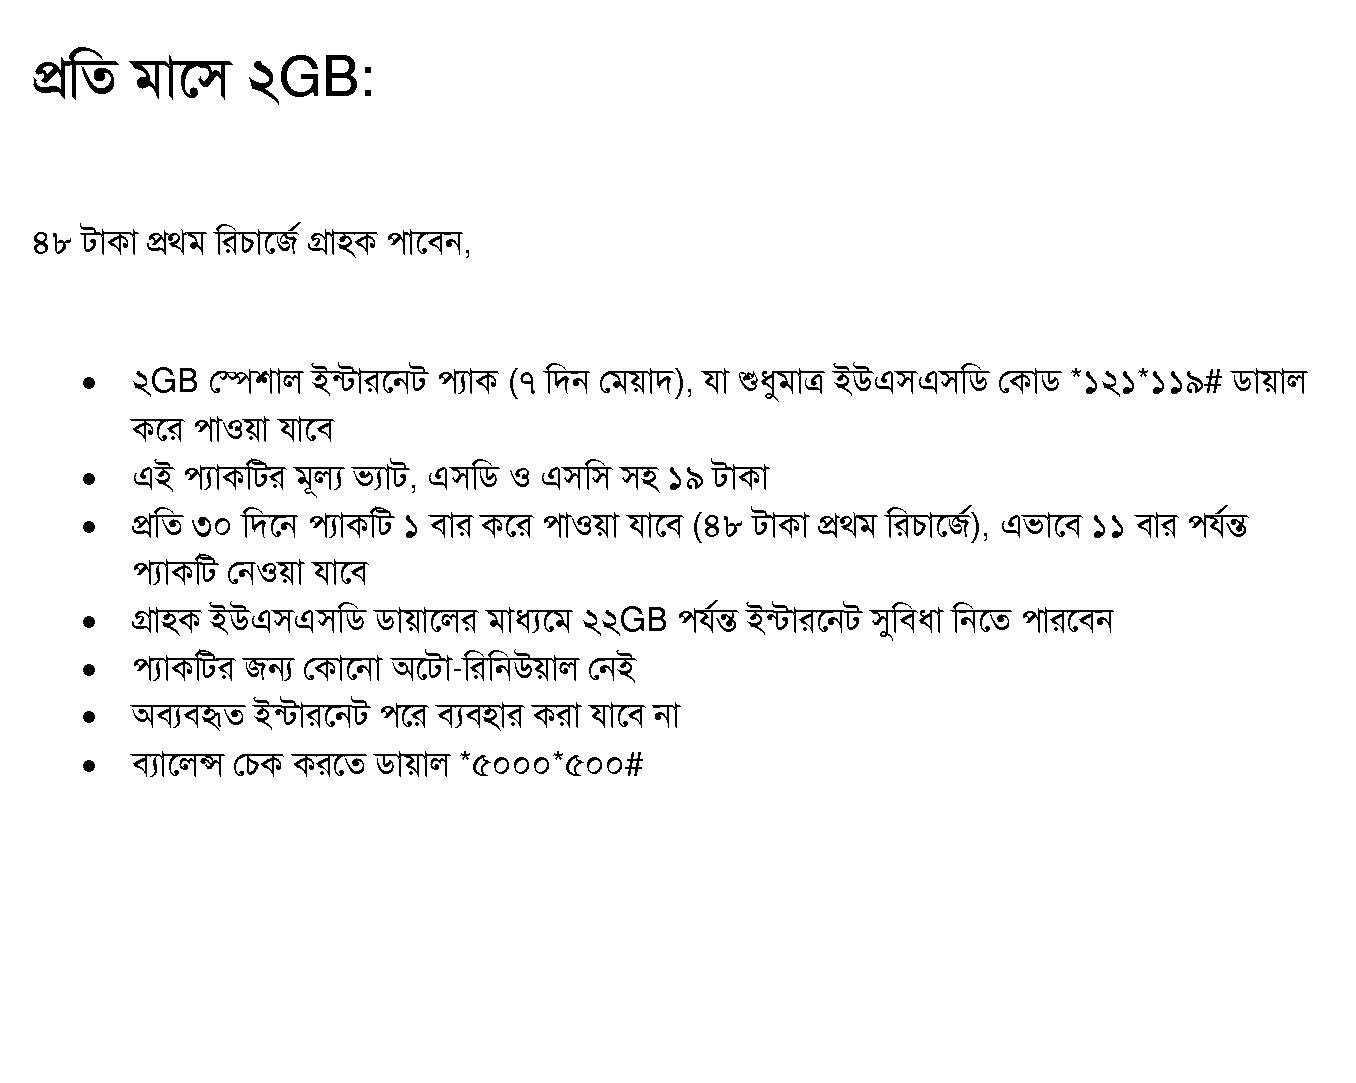 Banglalink MNP Offer 24GB Internet Free Offer 2020